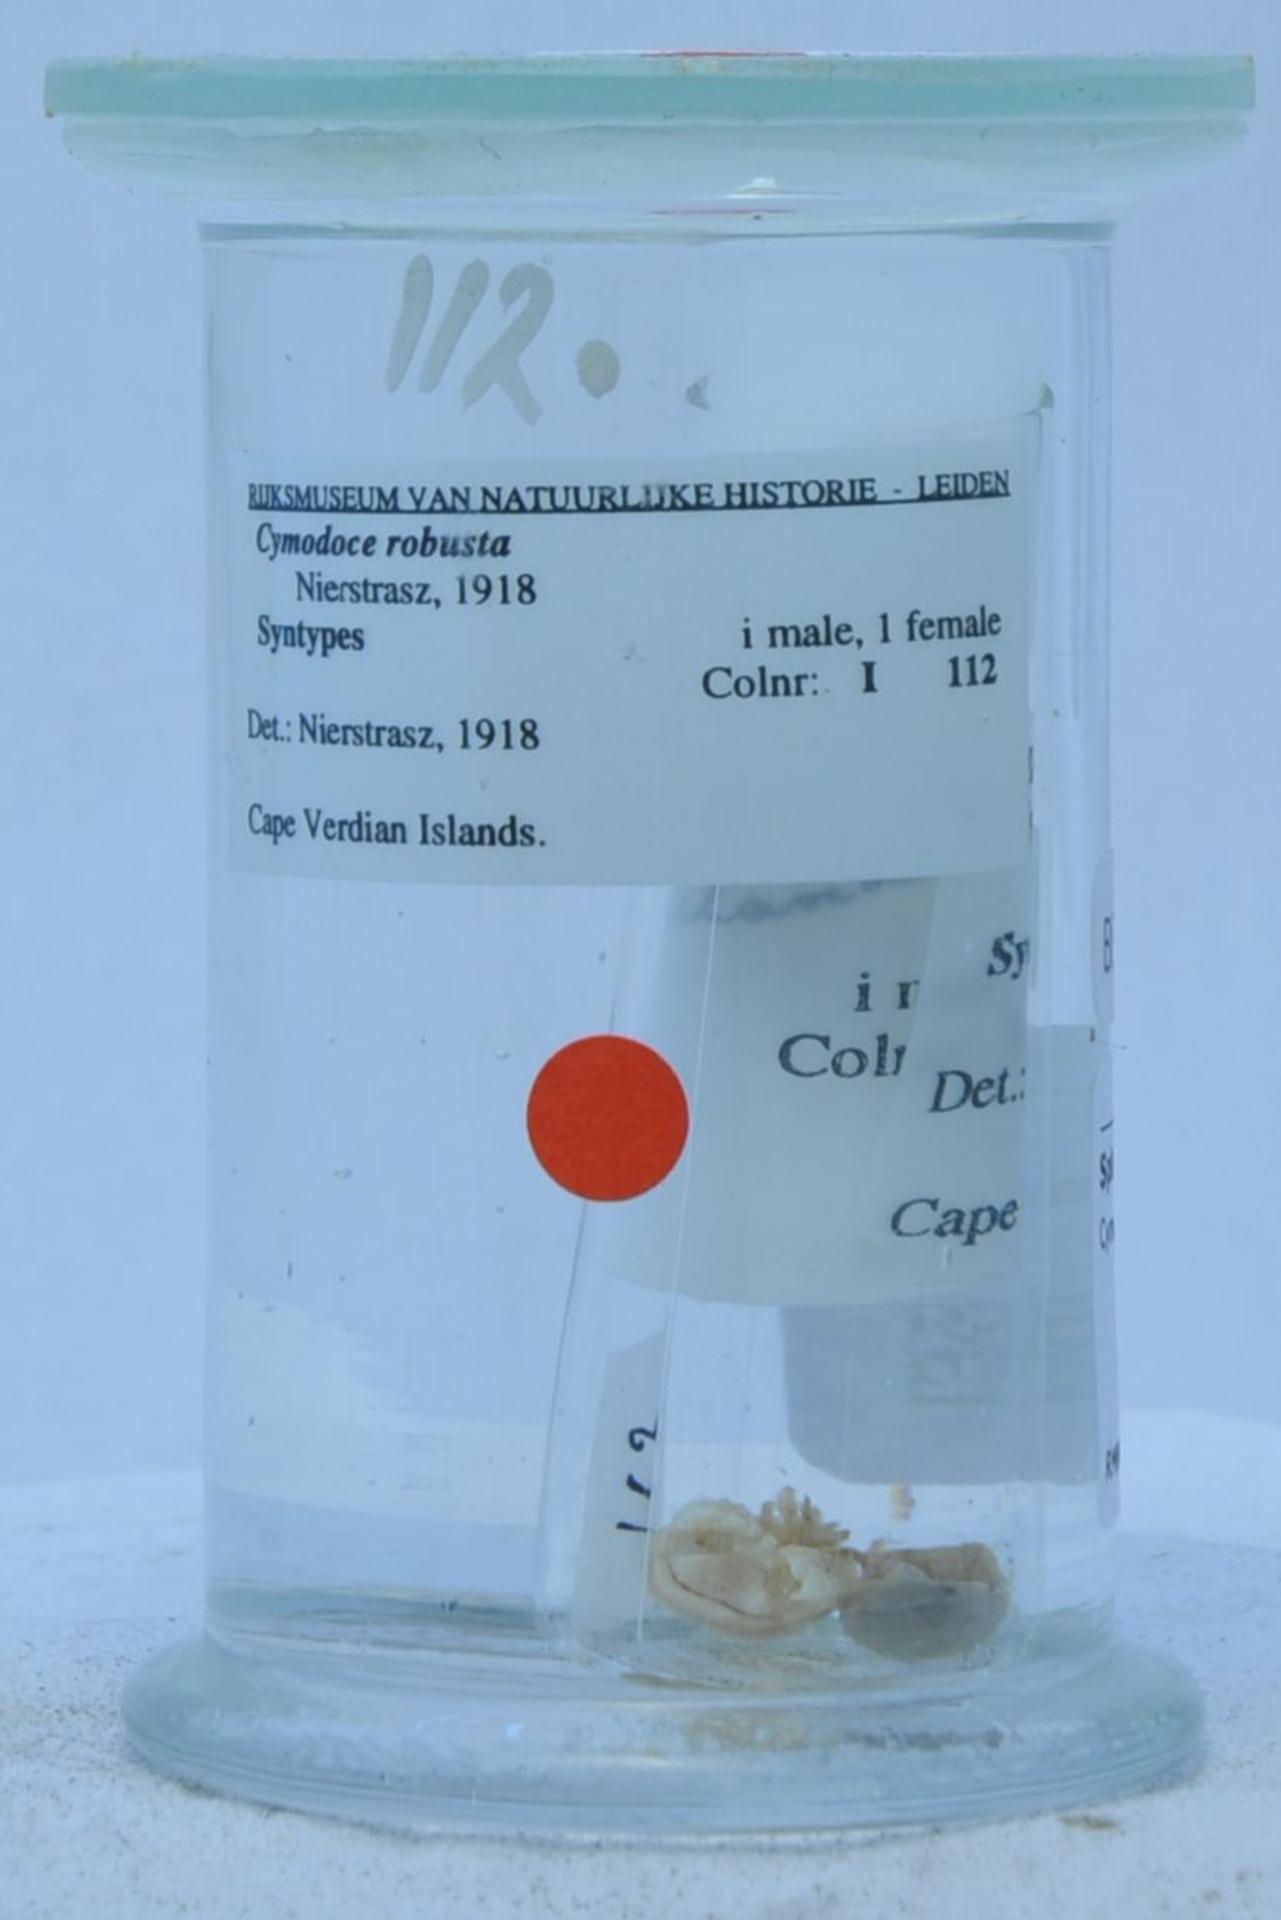 RMNH.CRUS.I.112 | Cymodoce robusta Nierstrasz, 1918